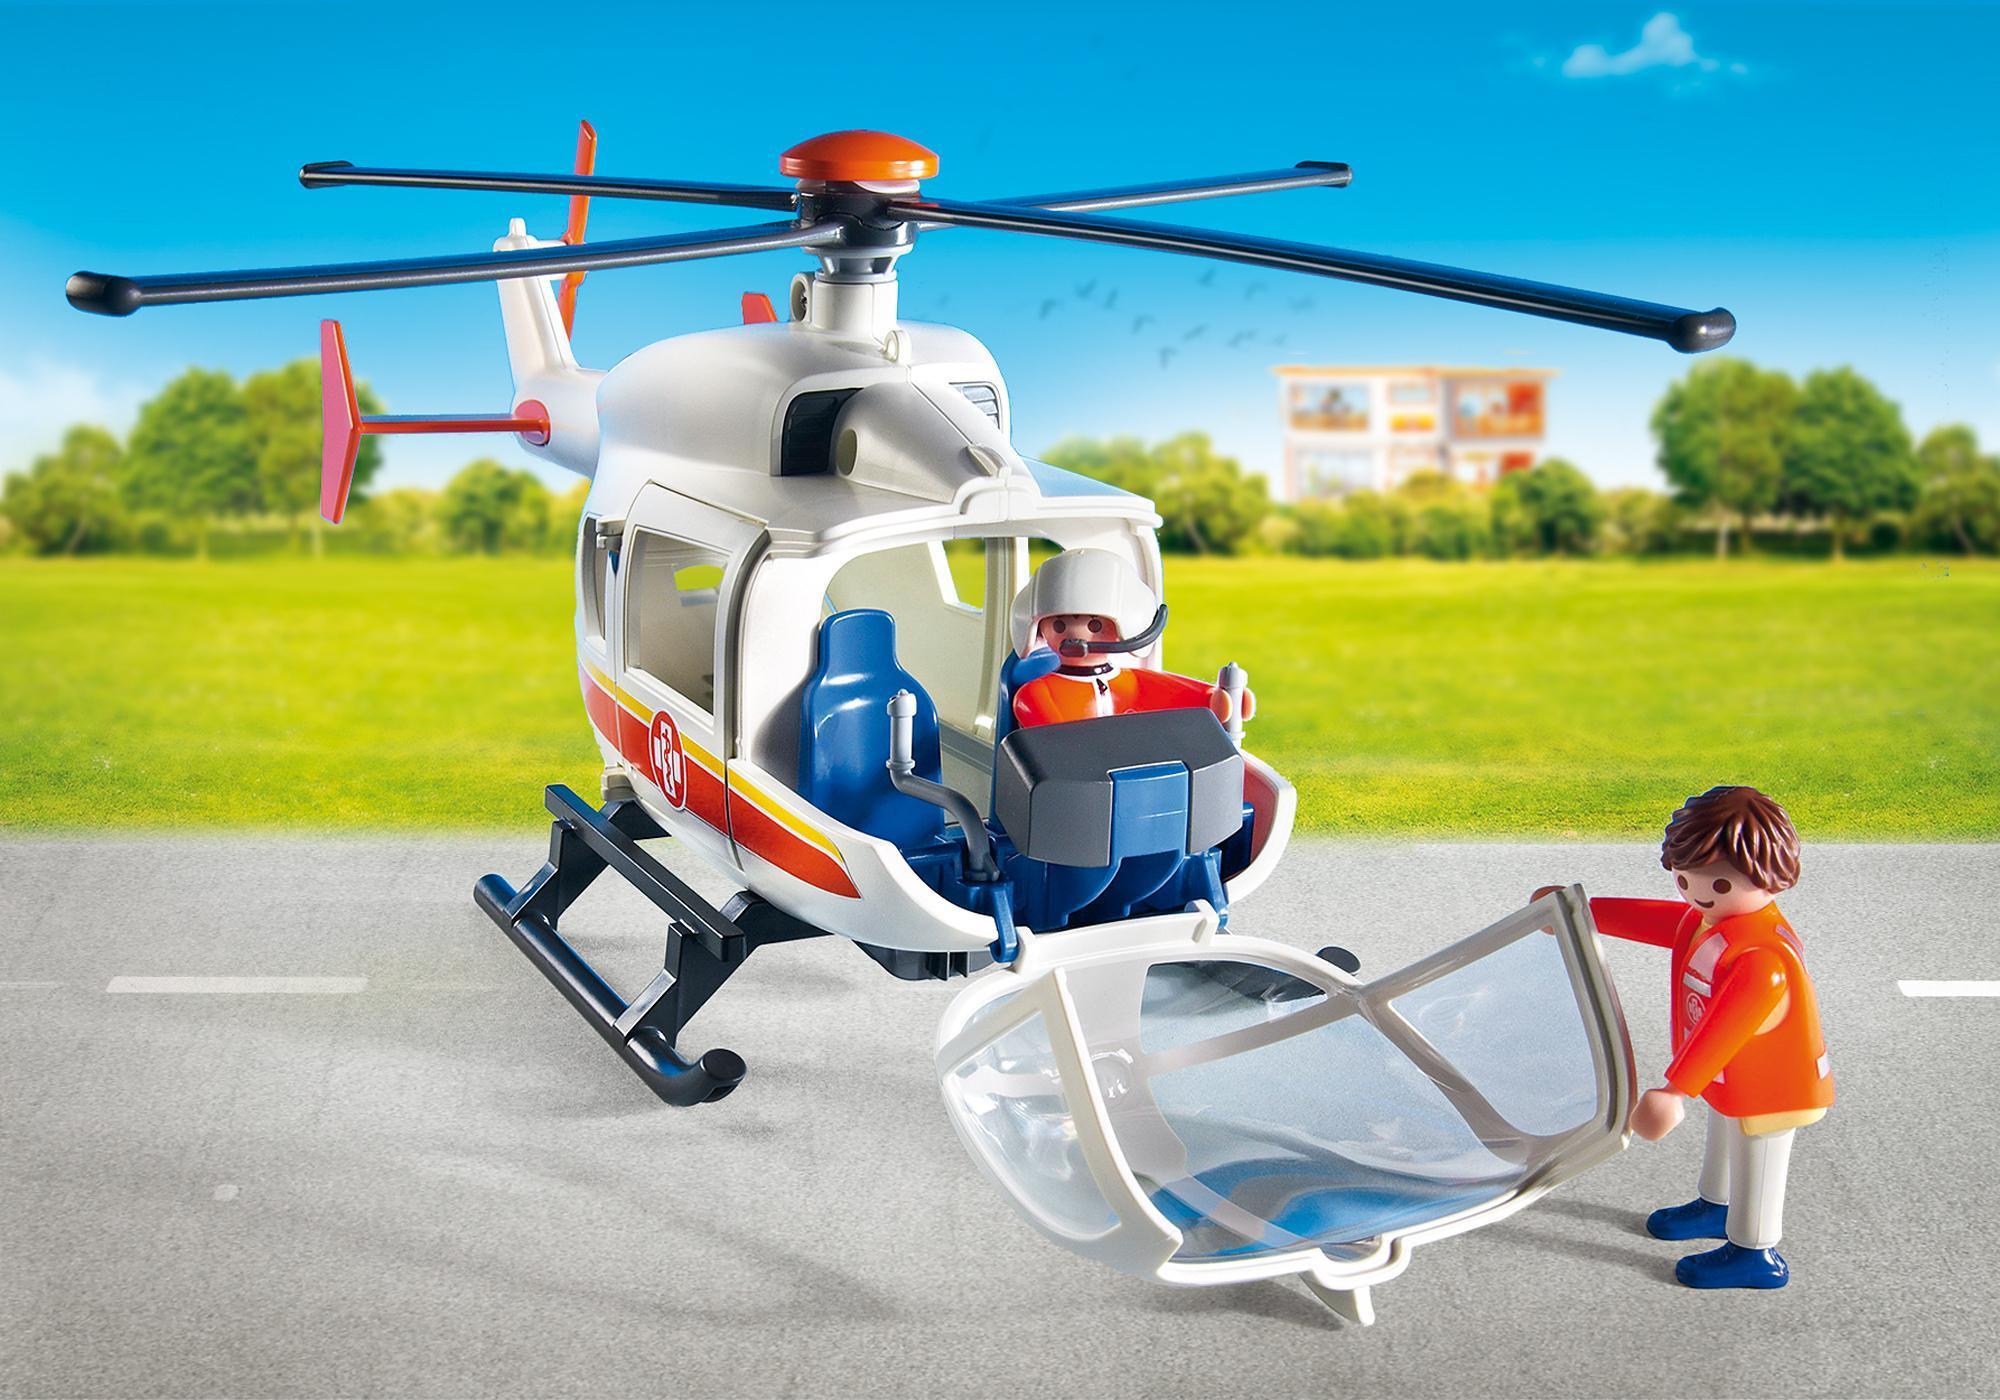 http://media.playmobil.com/i/playmobil/6686_product_extra1/Helicóptero de Emergência Médica